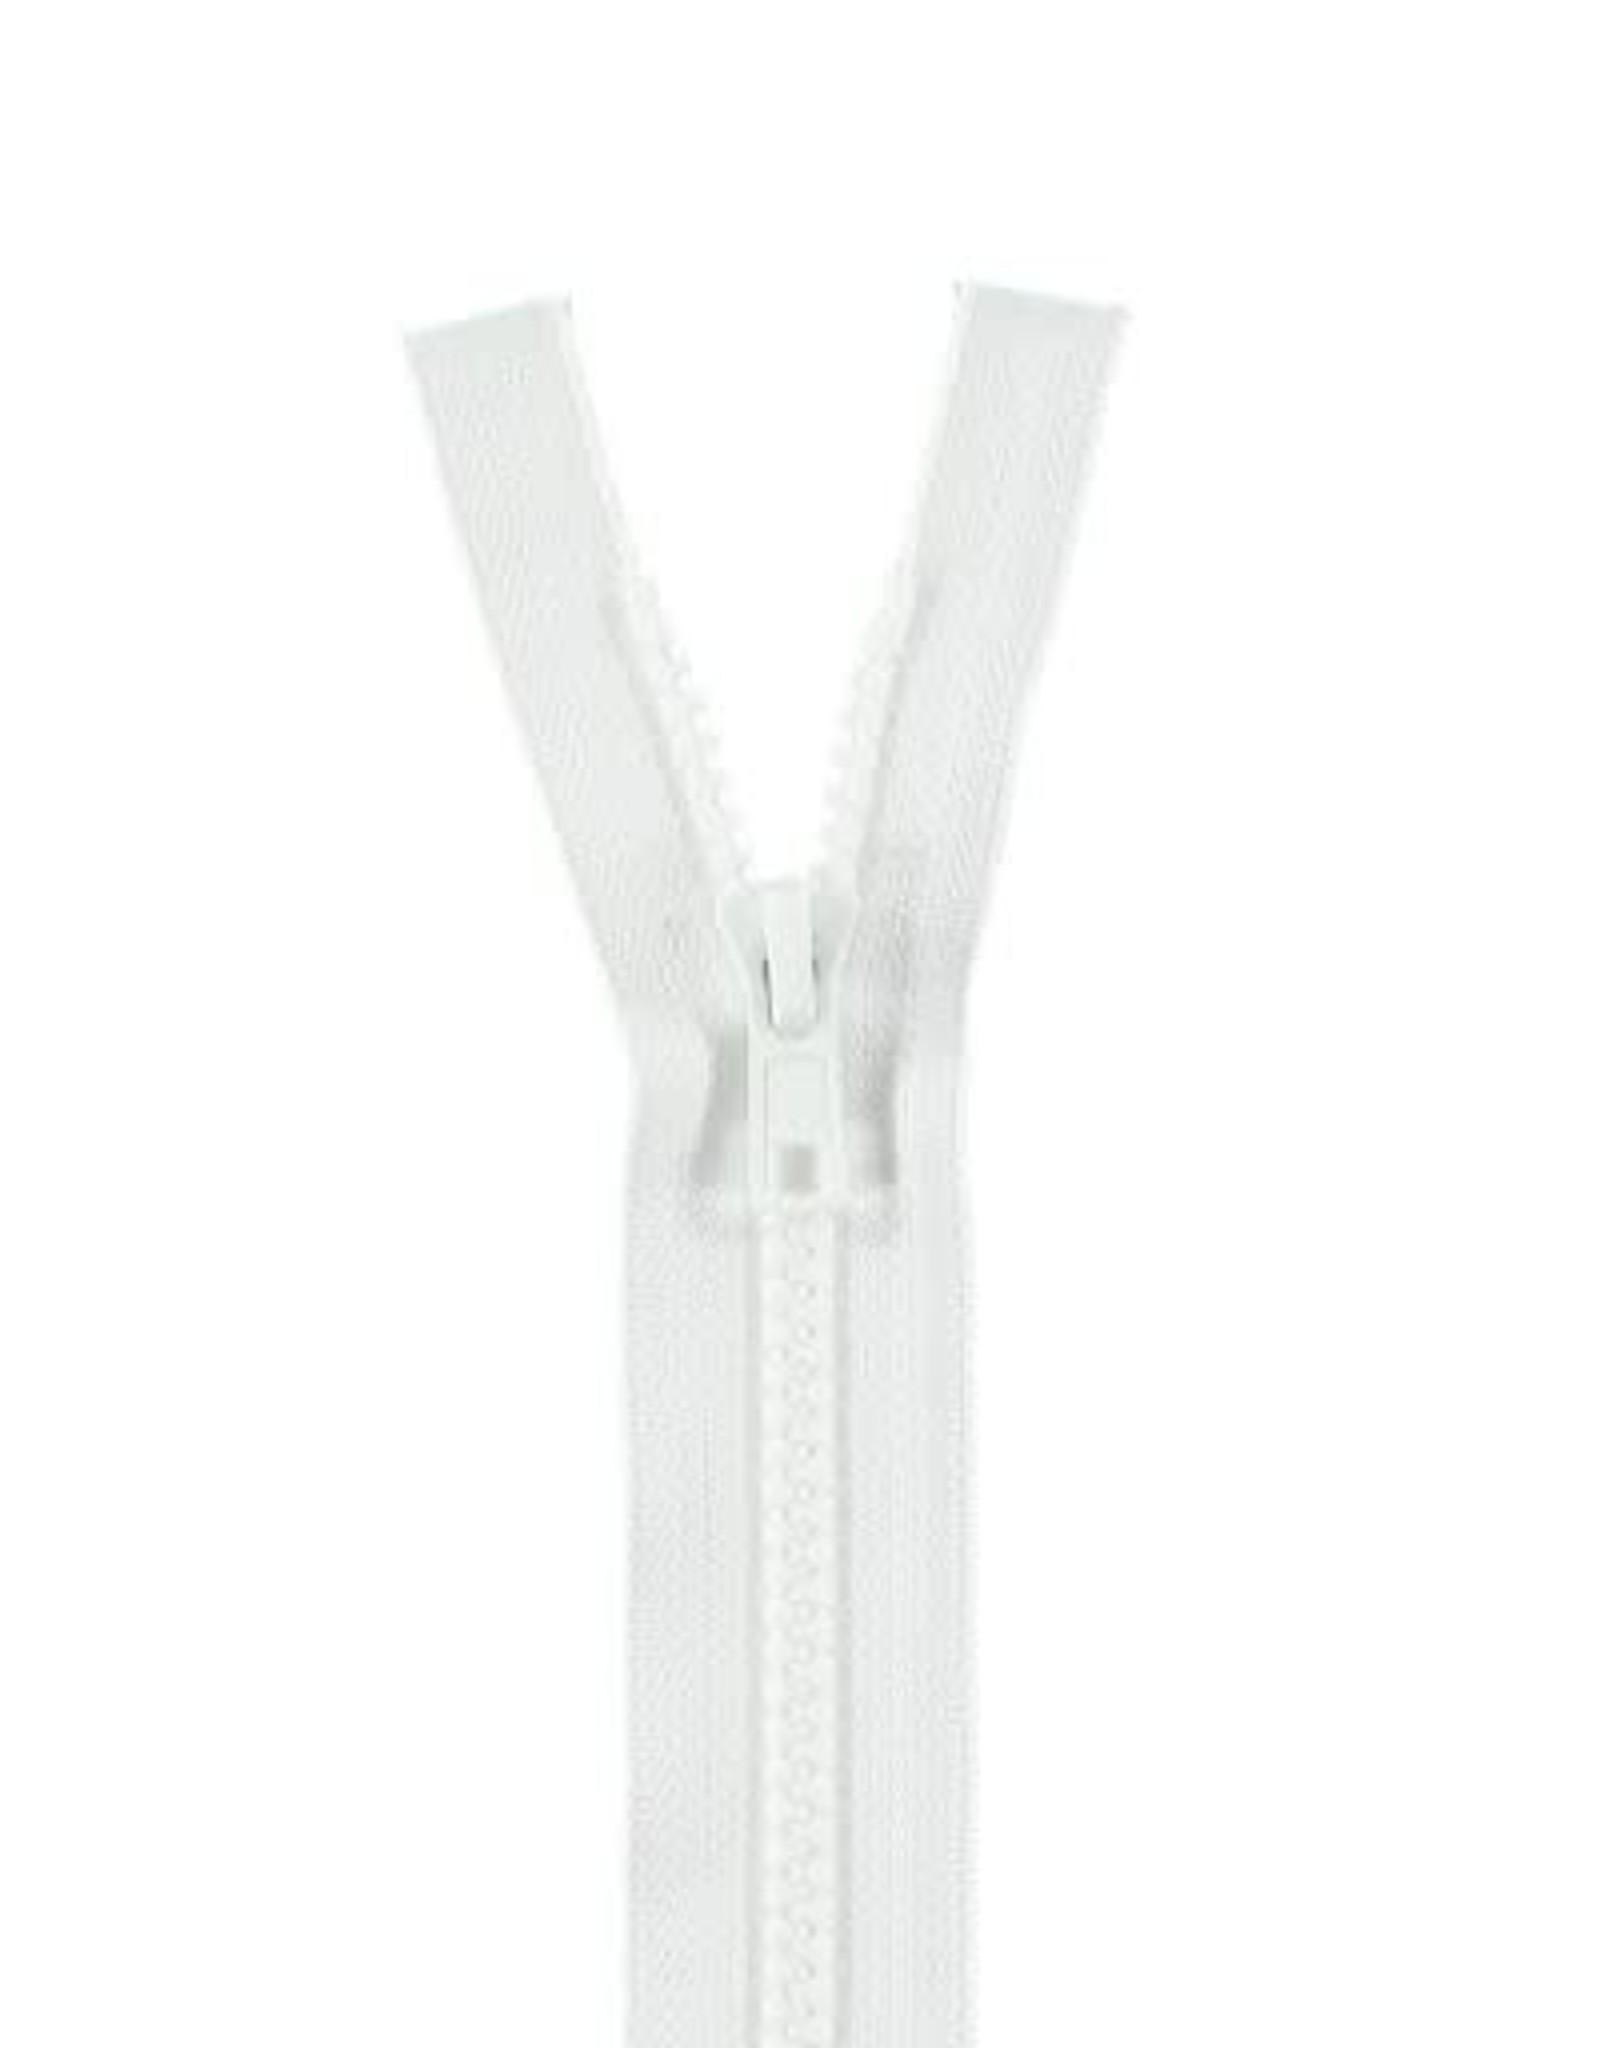 YKK BLOKRITS 5 DEELBAAR wit 501-40cm